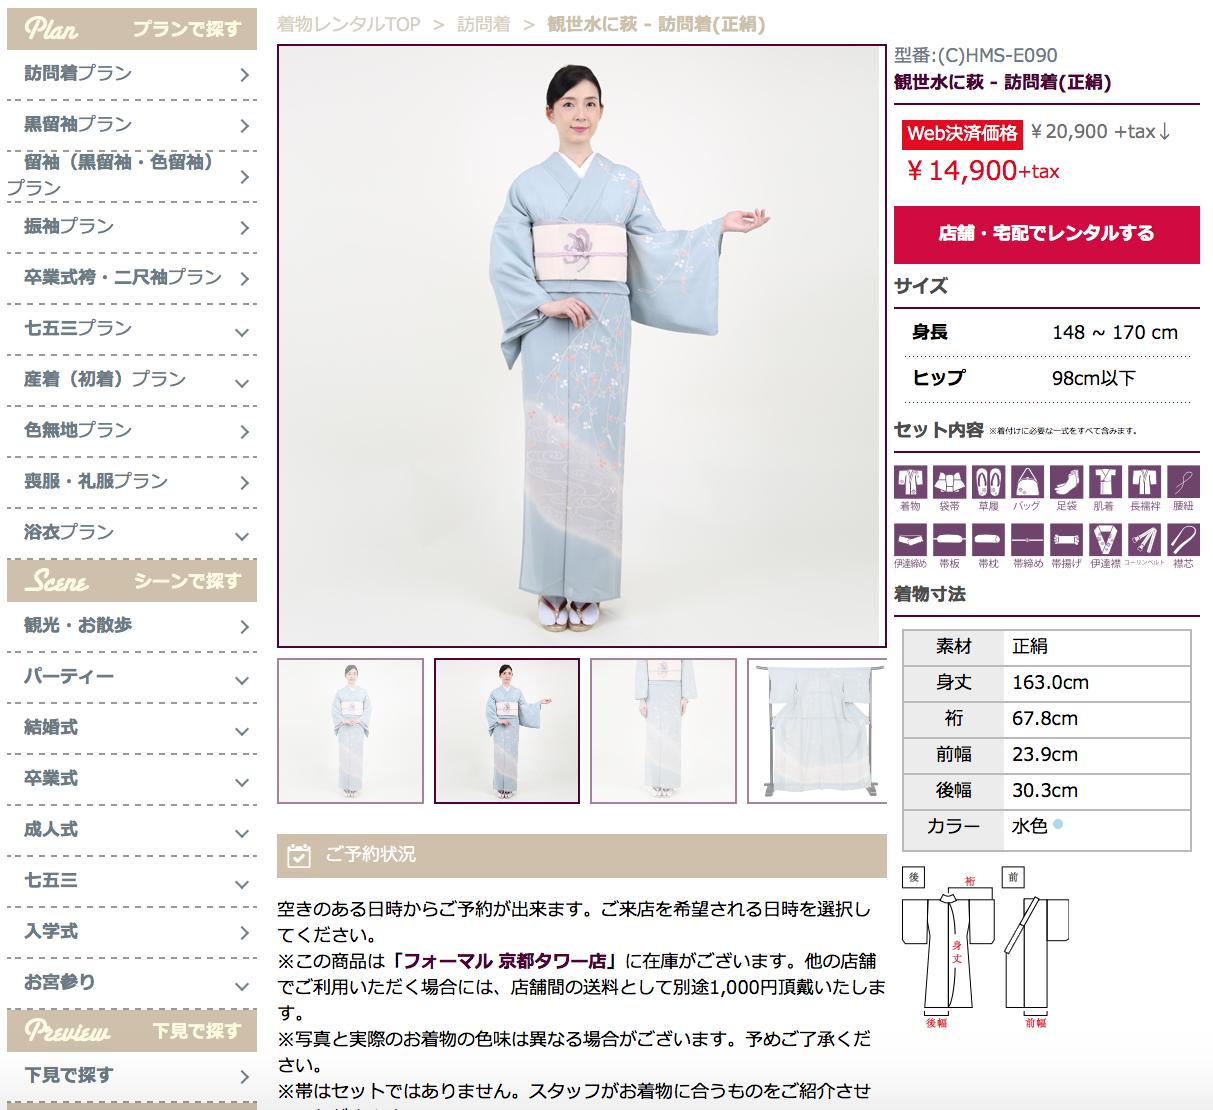 Wargo Kimono Rental Reservation